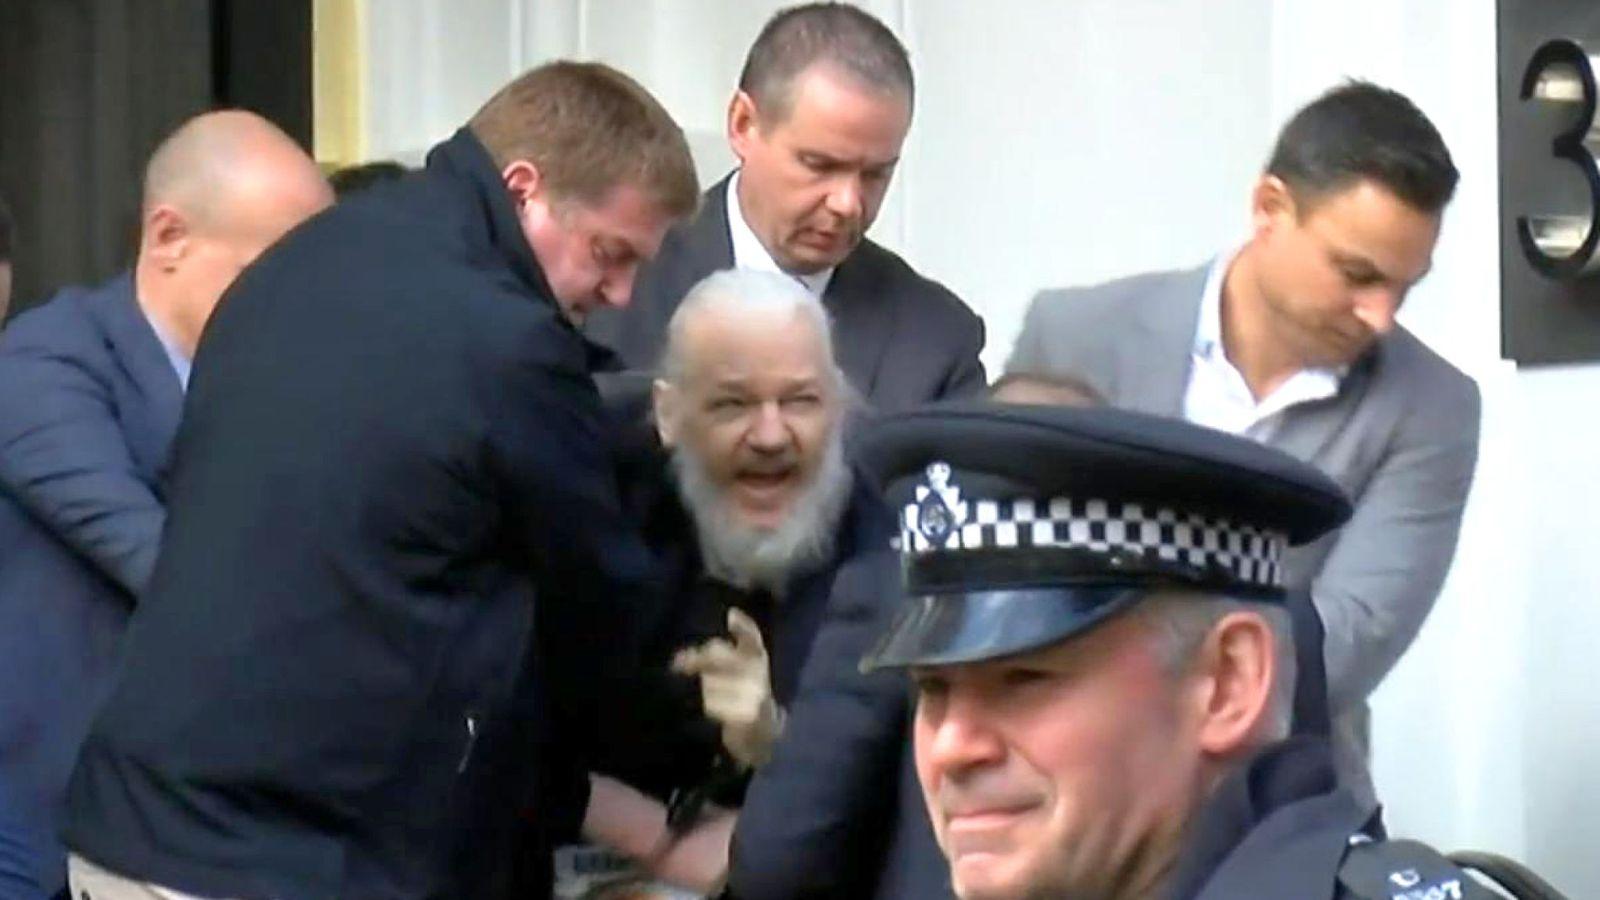 1554979786_616_wikileaks-founder-julian-assange-arrested-in-london-